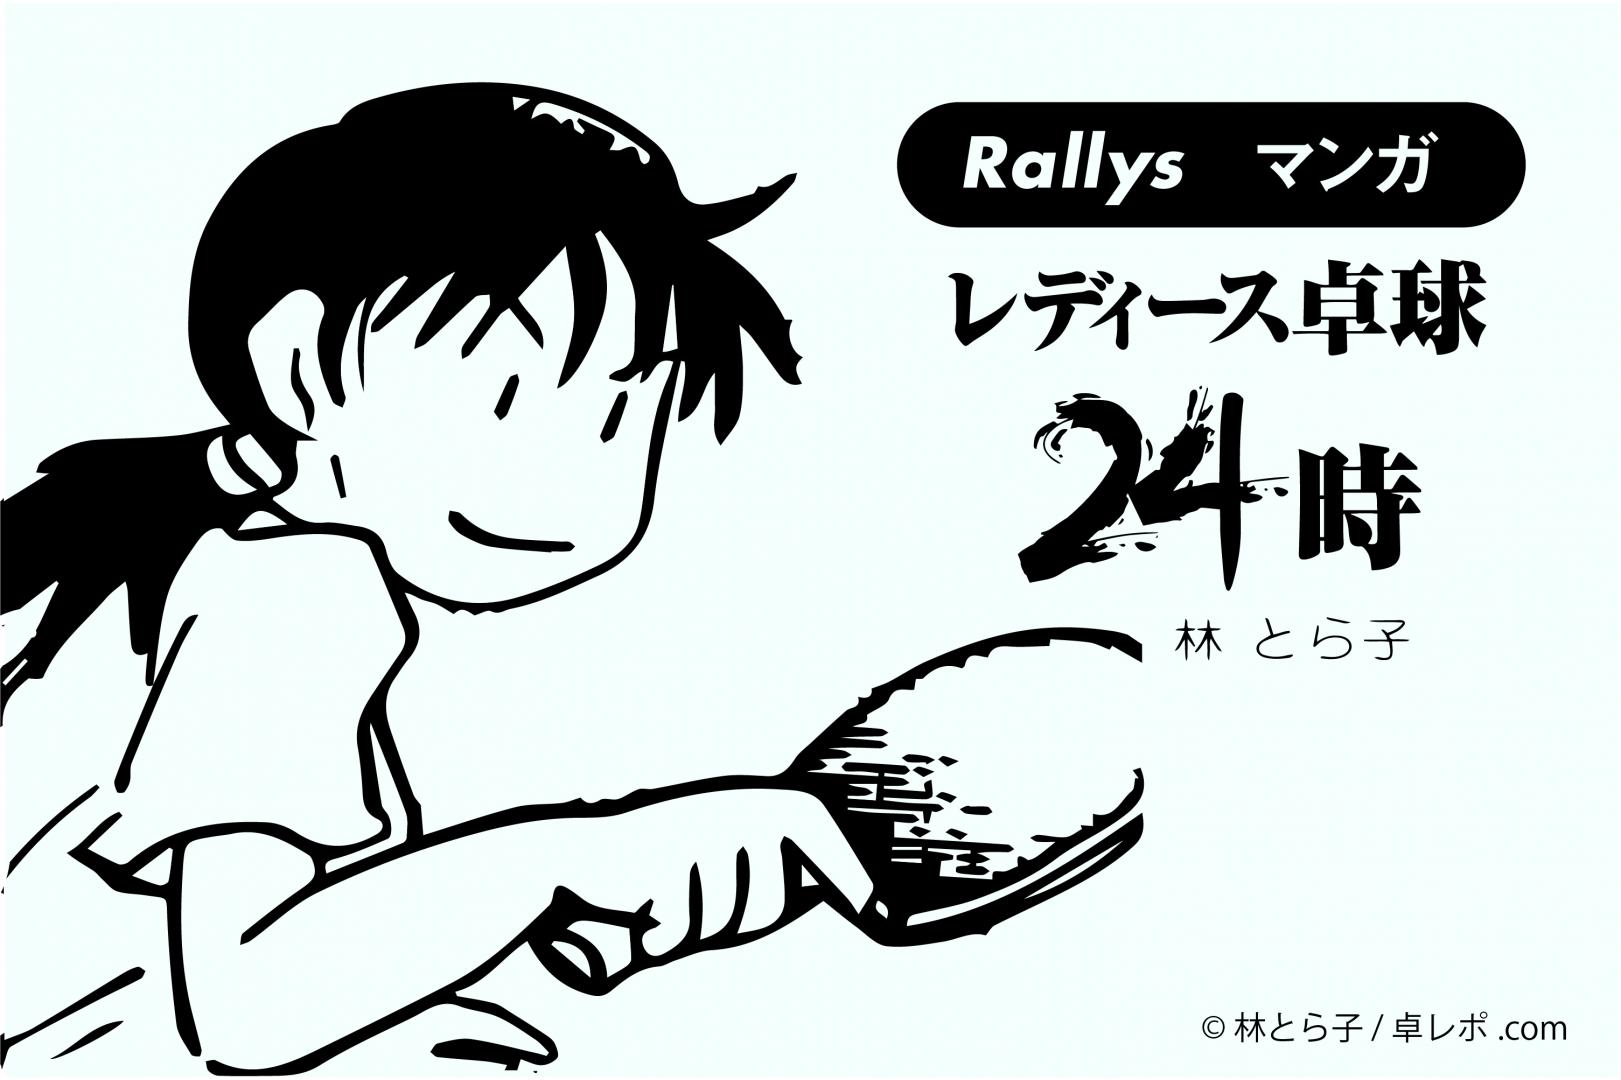 どうなんだろ【卓球4コマ漫画・レディース卓球24時】